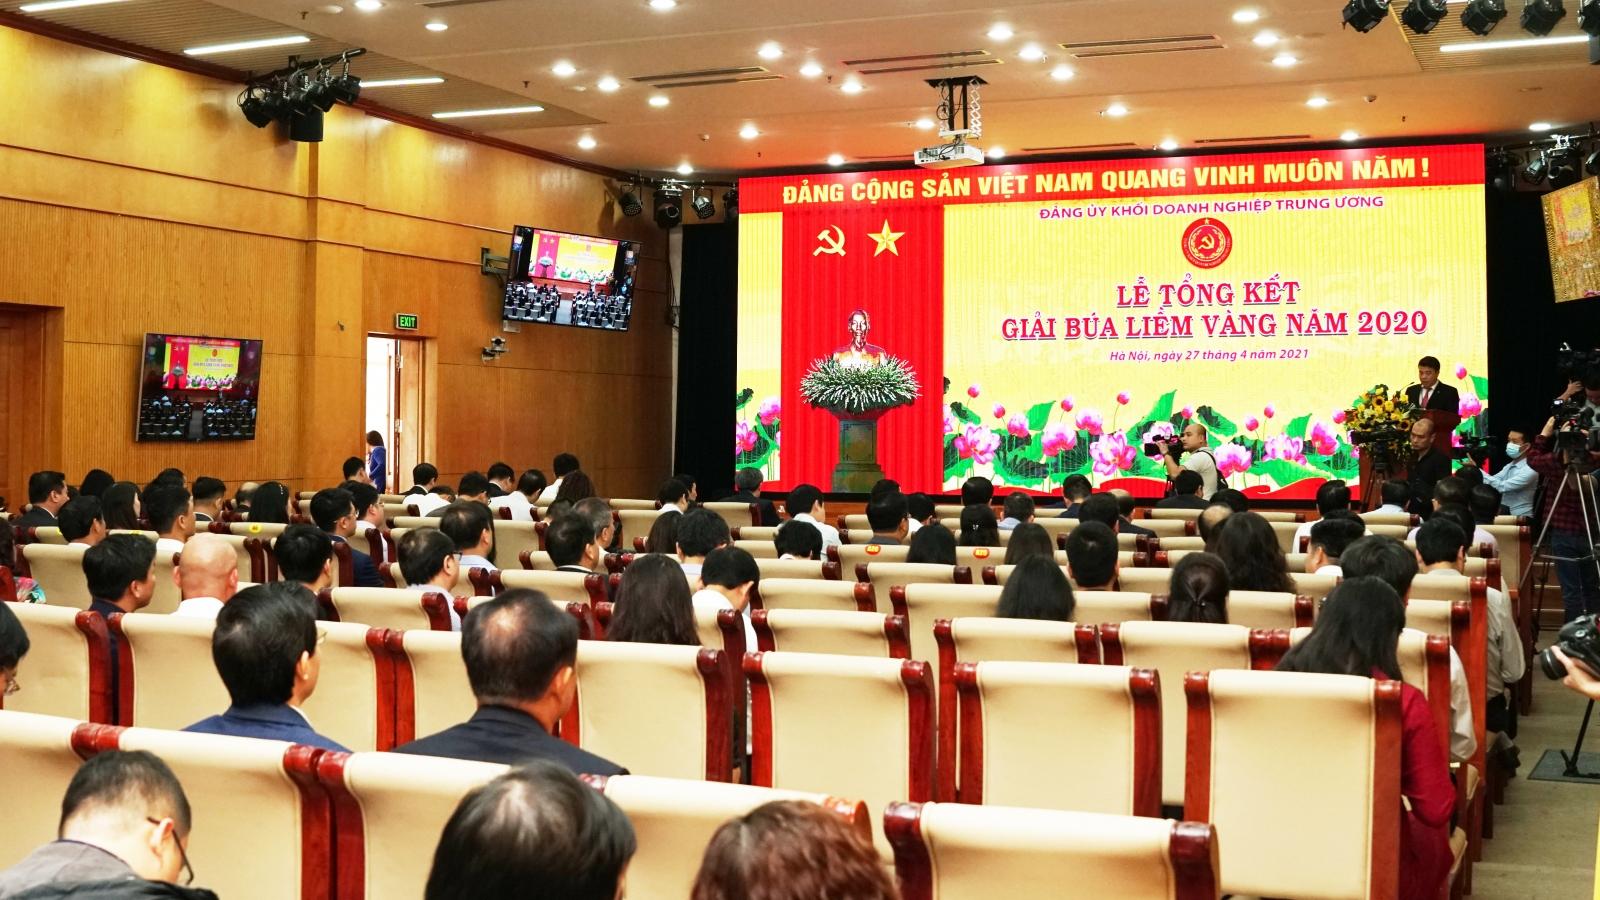 """20 tác phẩm đoạt giải """"Búa liềm vàng"""" của Đảng ủy Khối Doanh nghiệp Trung ương"""